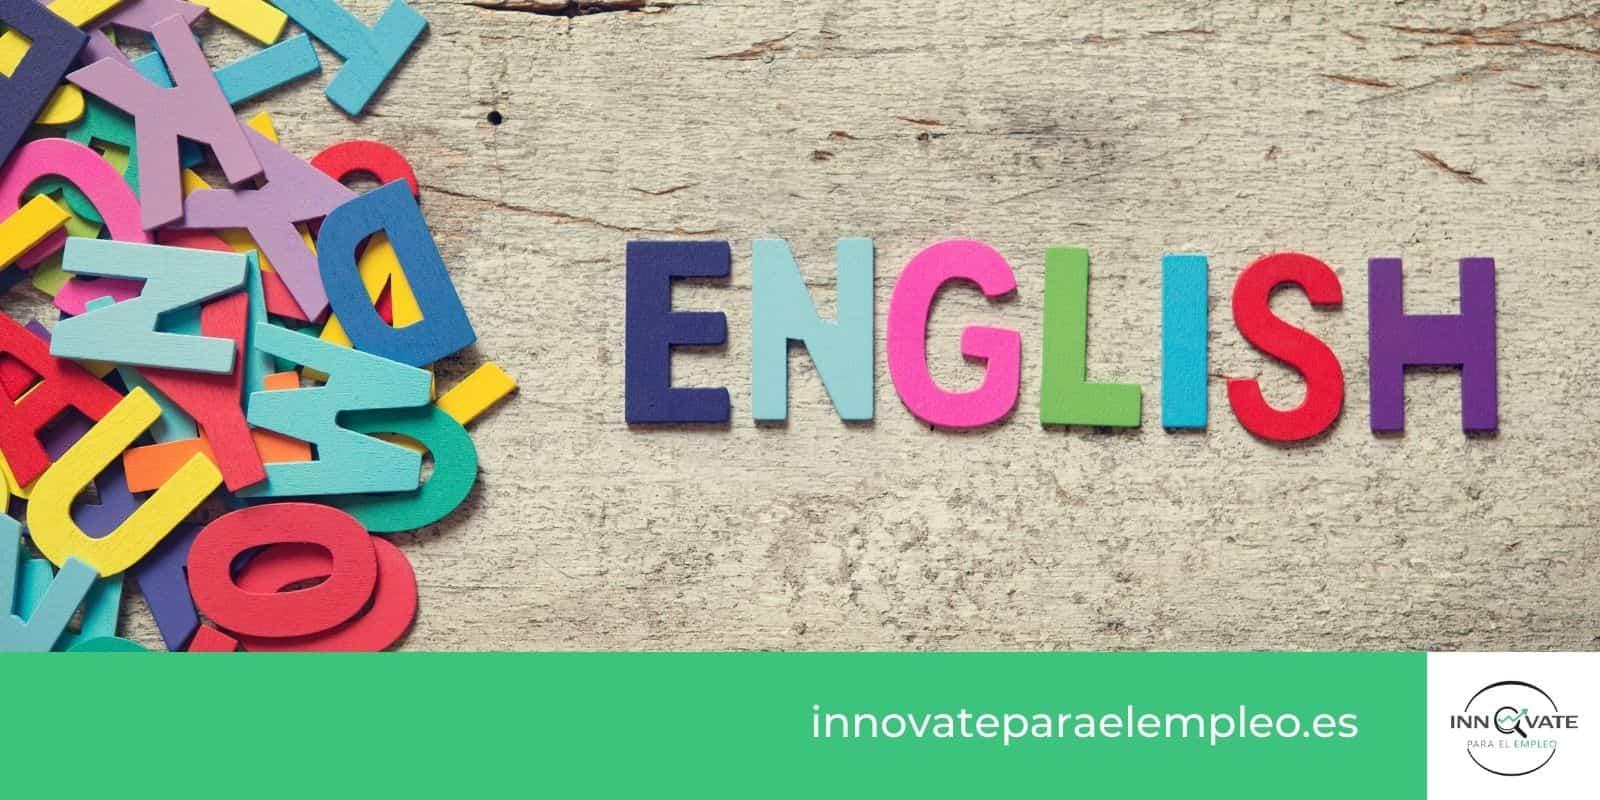 Cursos De Ingles Online Gratuitos Y De Pago De 40 Cursos Innovate Para El Empleo